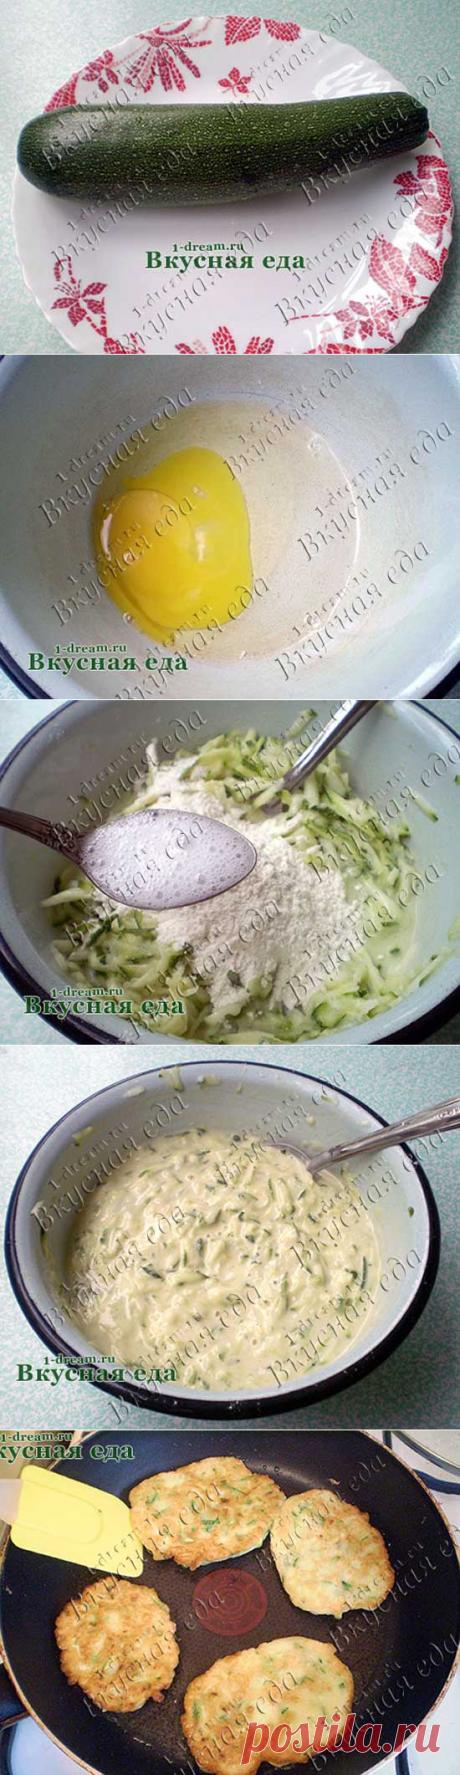 Оладьи из кабачков - фото рецепта кабачковых оладий